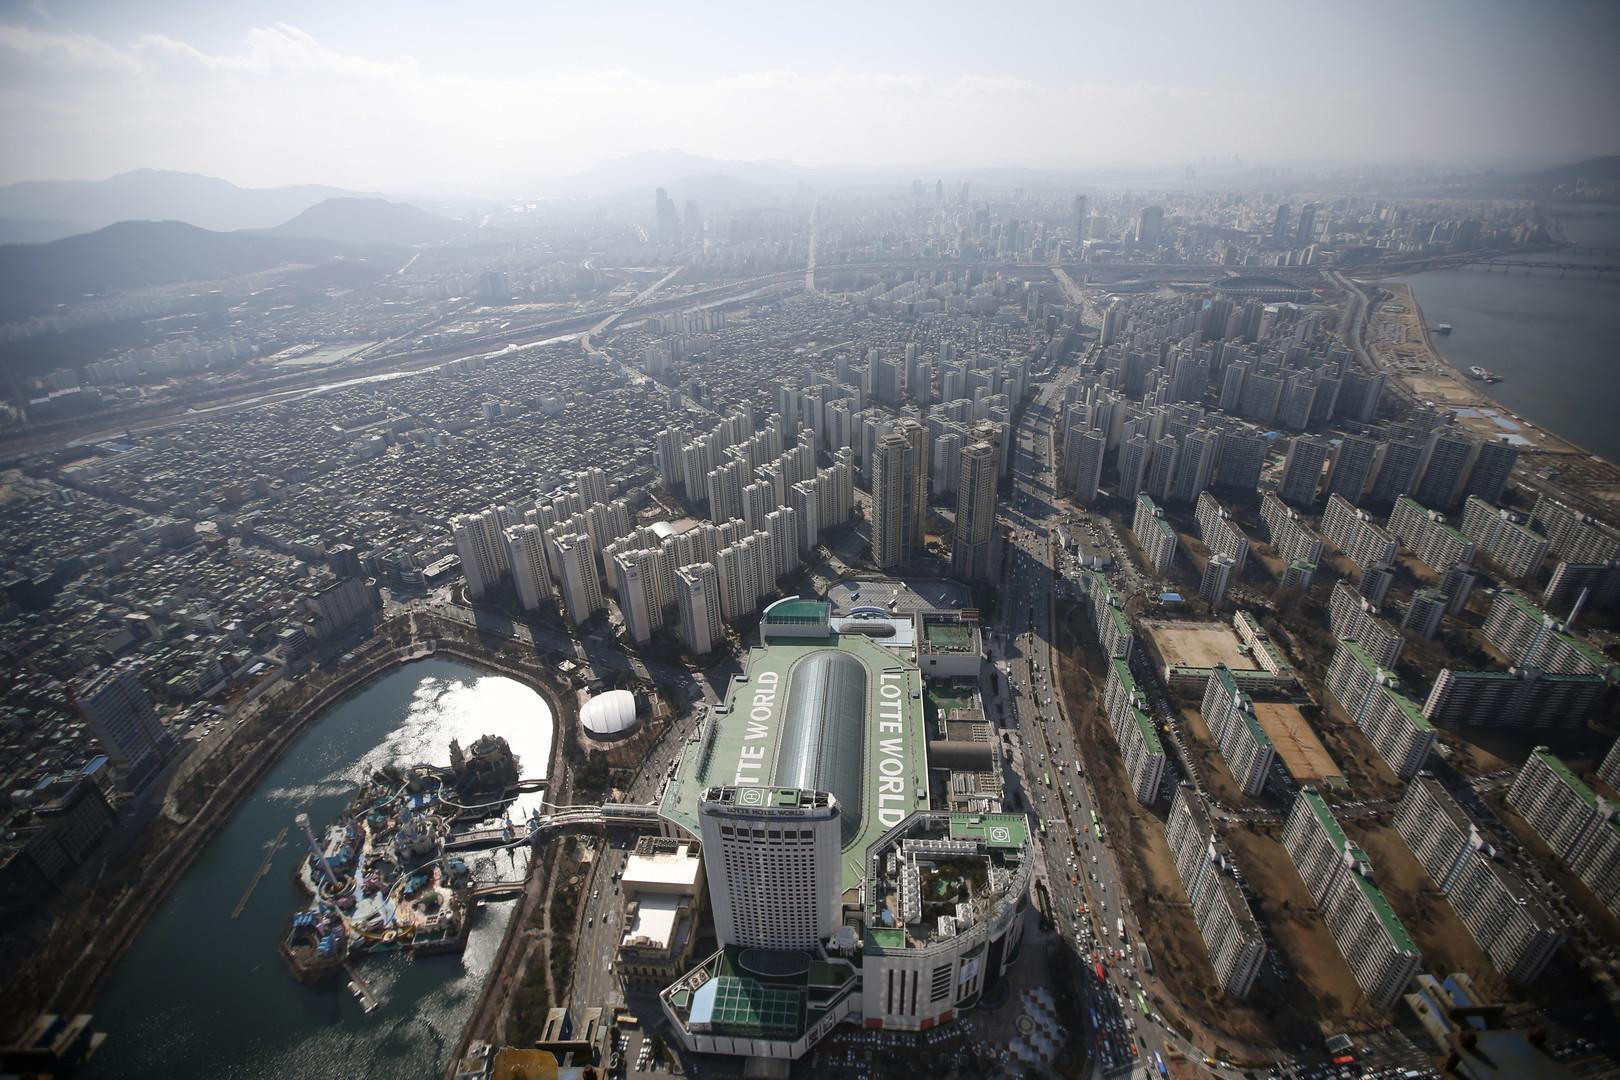 كوريا الجنوبية تنفذ عملية أمنية ناجحة بالتعاون مع الإمارات